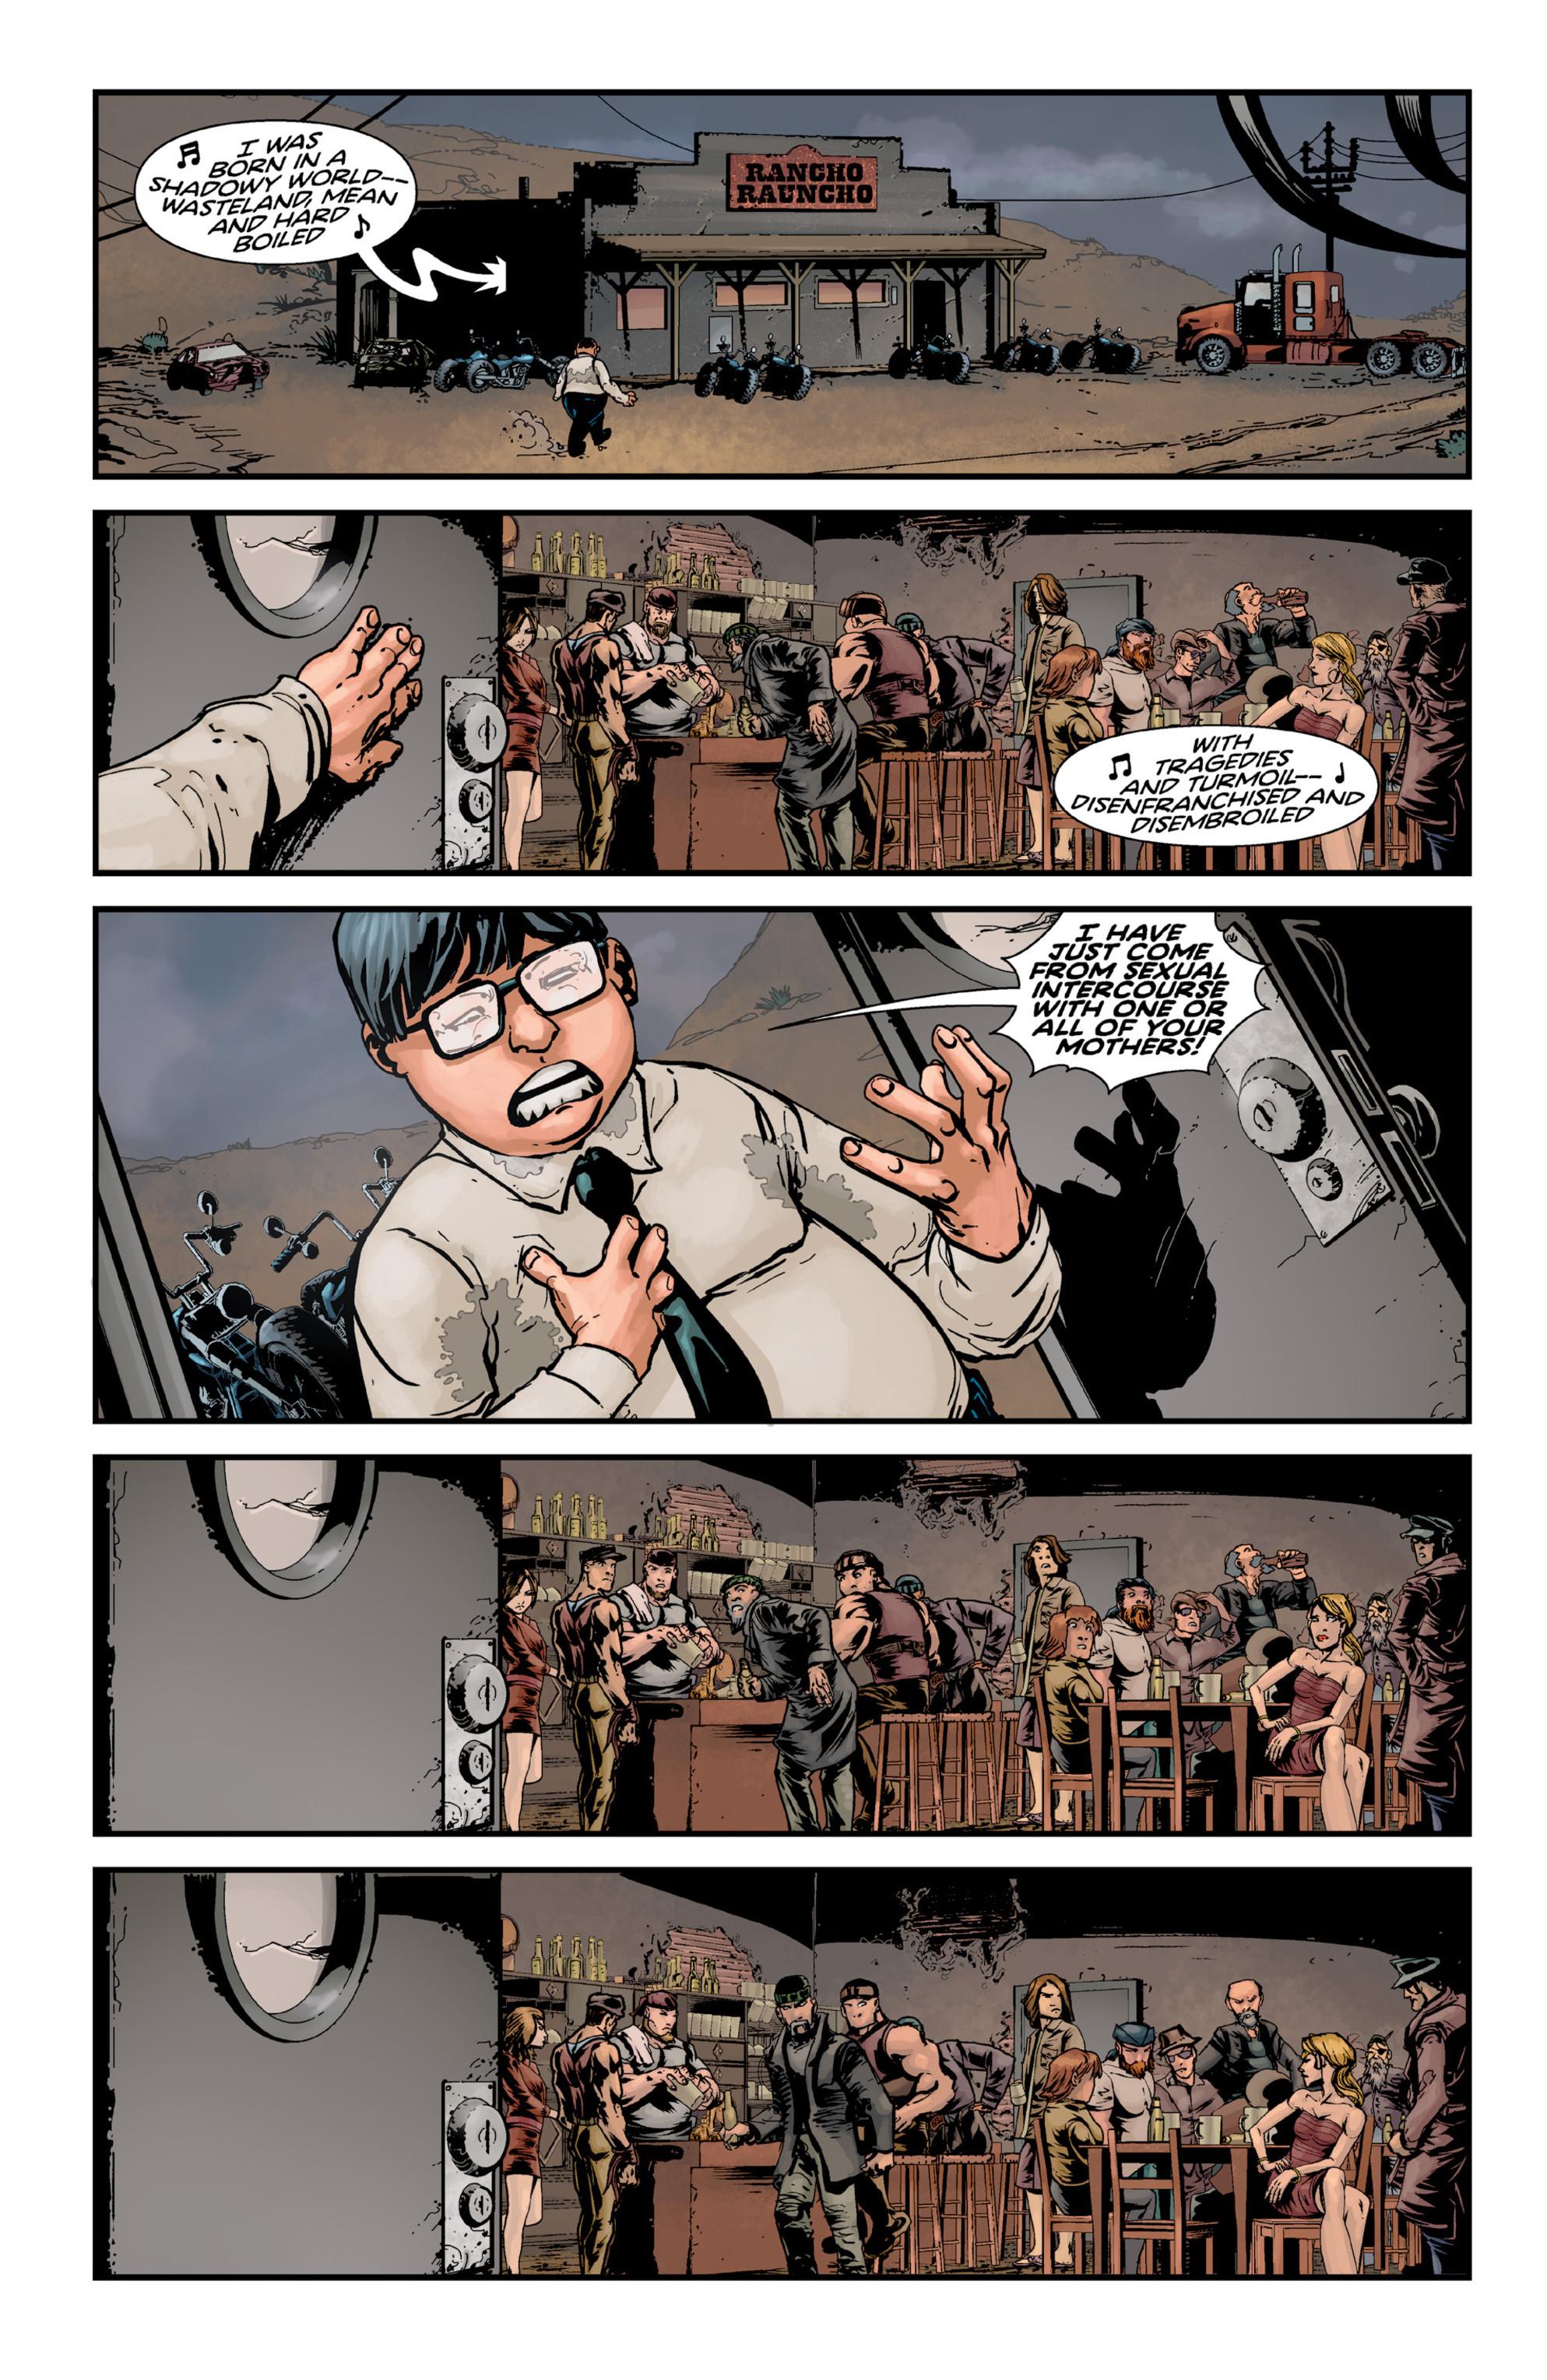 Read online Brain Boy:  The Men from G.E.S.T.A.L.T. comic -  Issue # TPB - 46